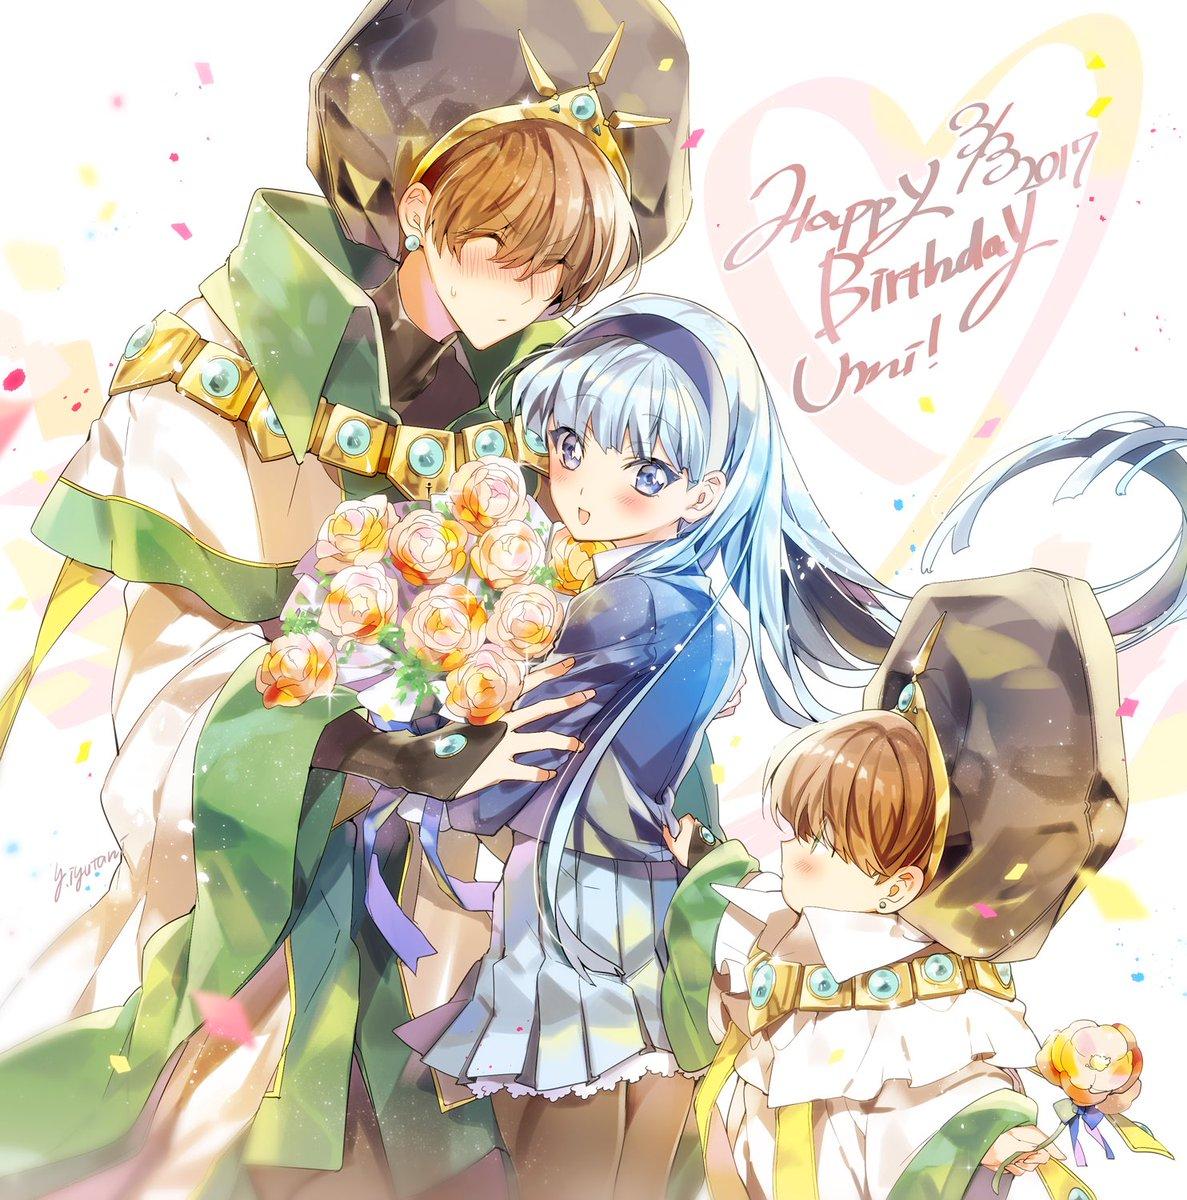 海ちゃん様お誕生日おめでとう🎉💖アスコット(×2)でお祝い( ˘ω˘ )〜♡